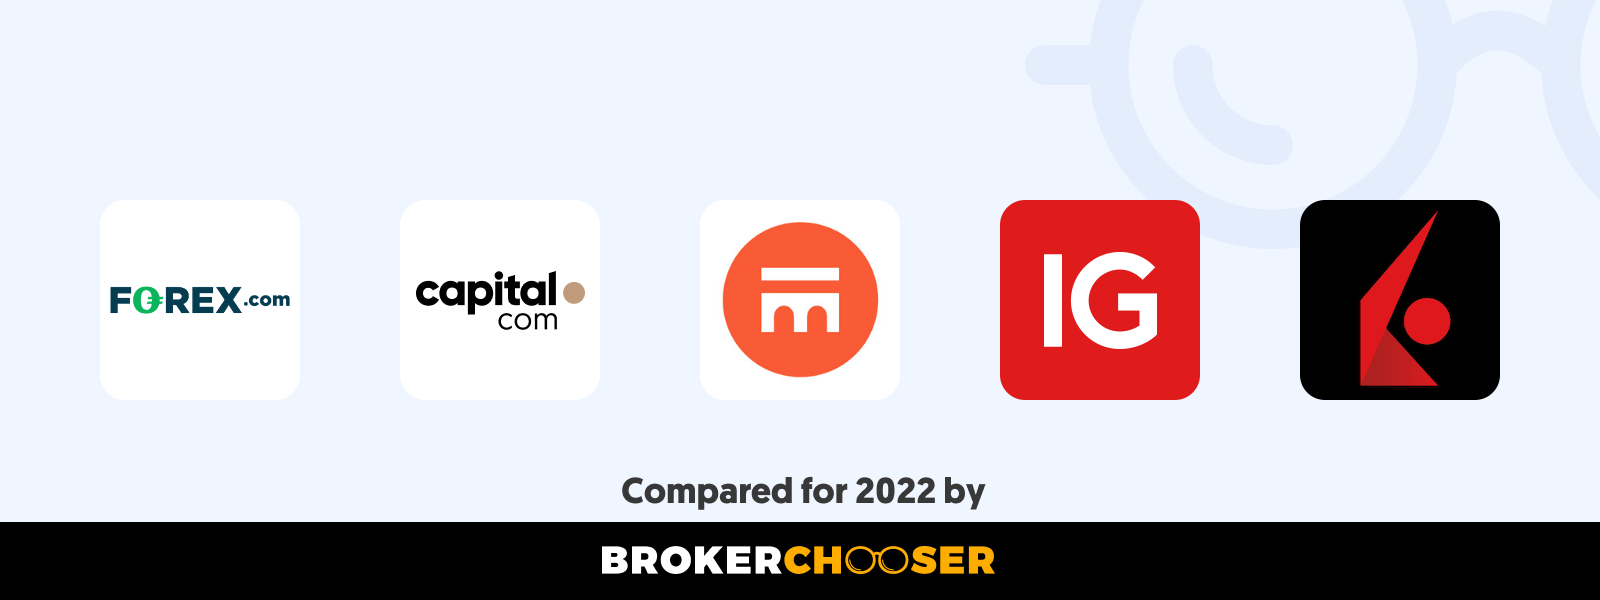 Best forex brokers for beginners in Bhutan in 2021